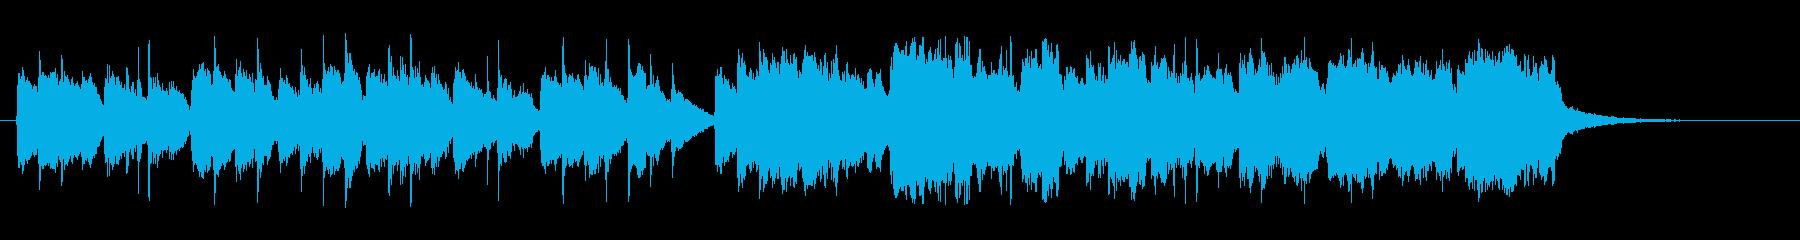 ヴァイオリンとチェンバロのメヌエットの再生済みの波形